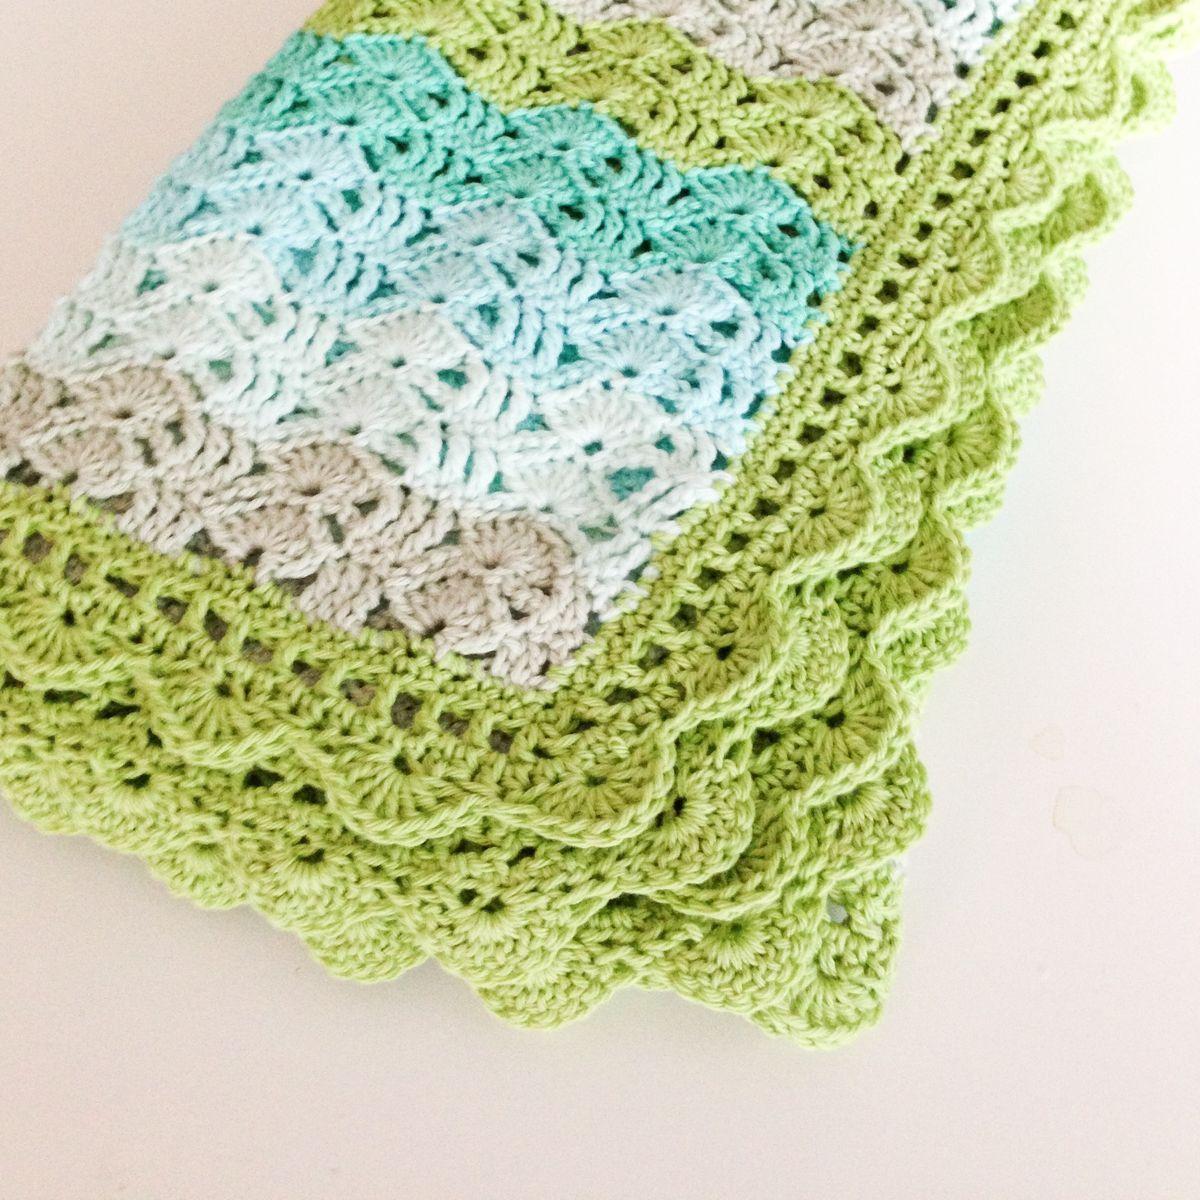 c14507e45a40205689ecf74fdc1816b1.jpg 1,200×1,200 pixels | Crocheting ...